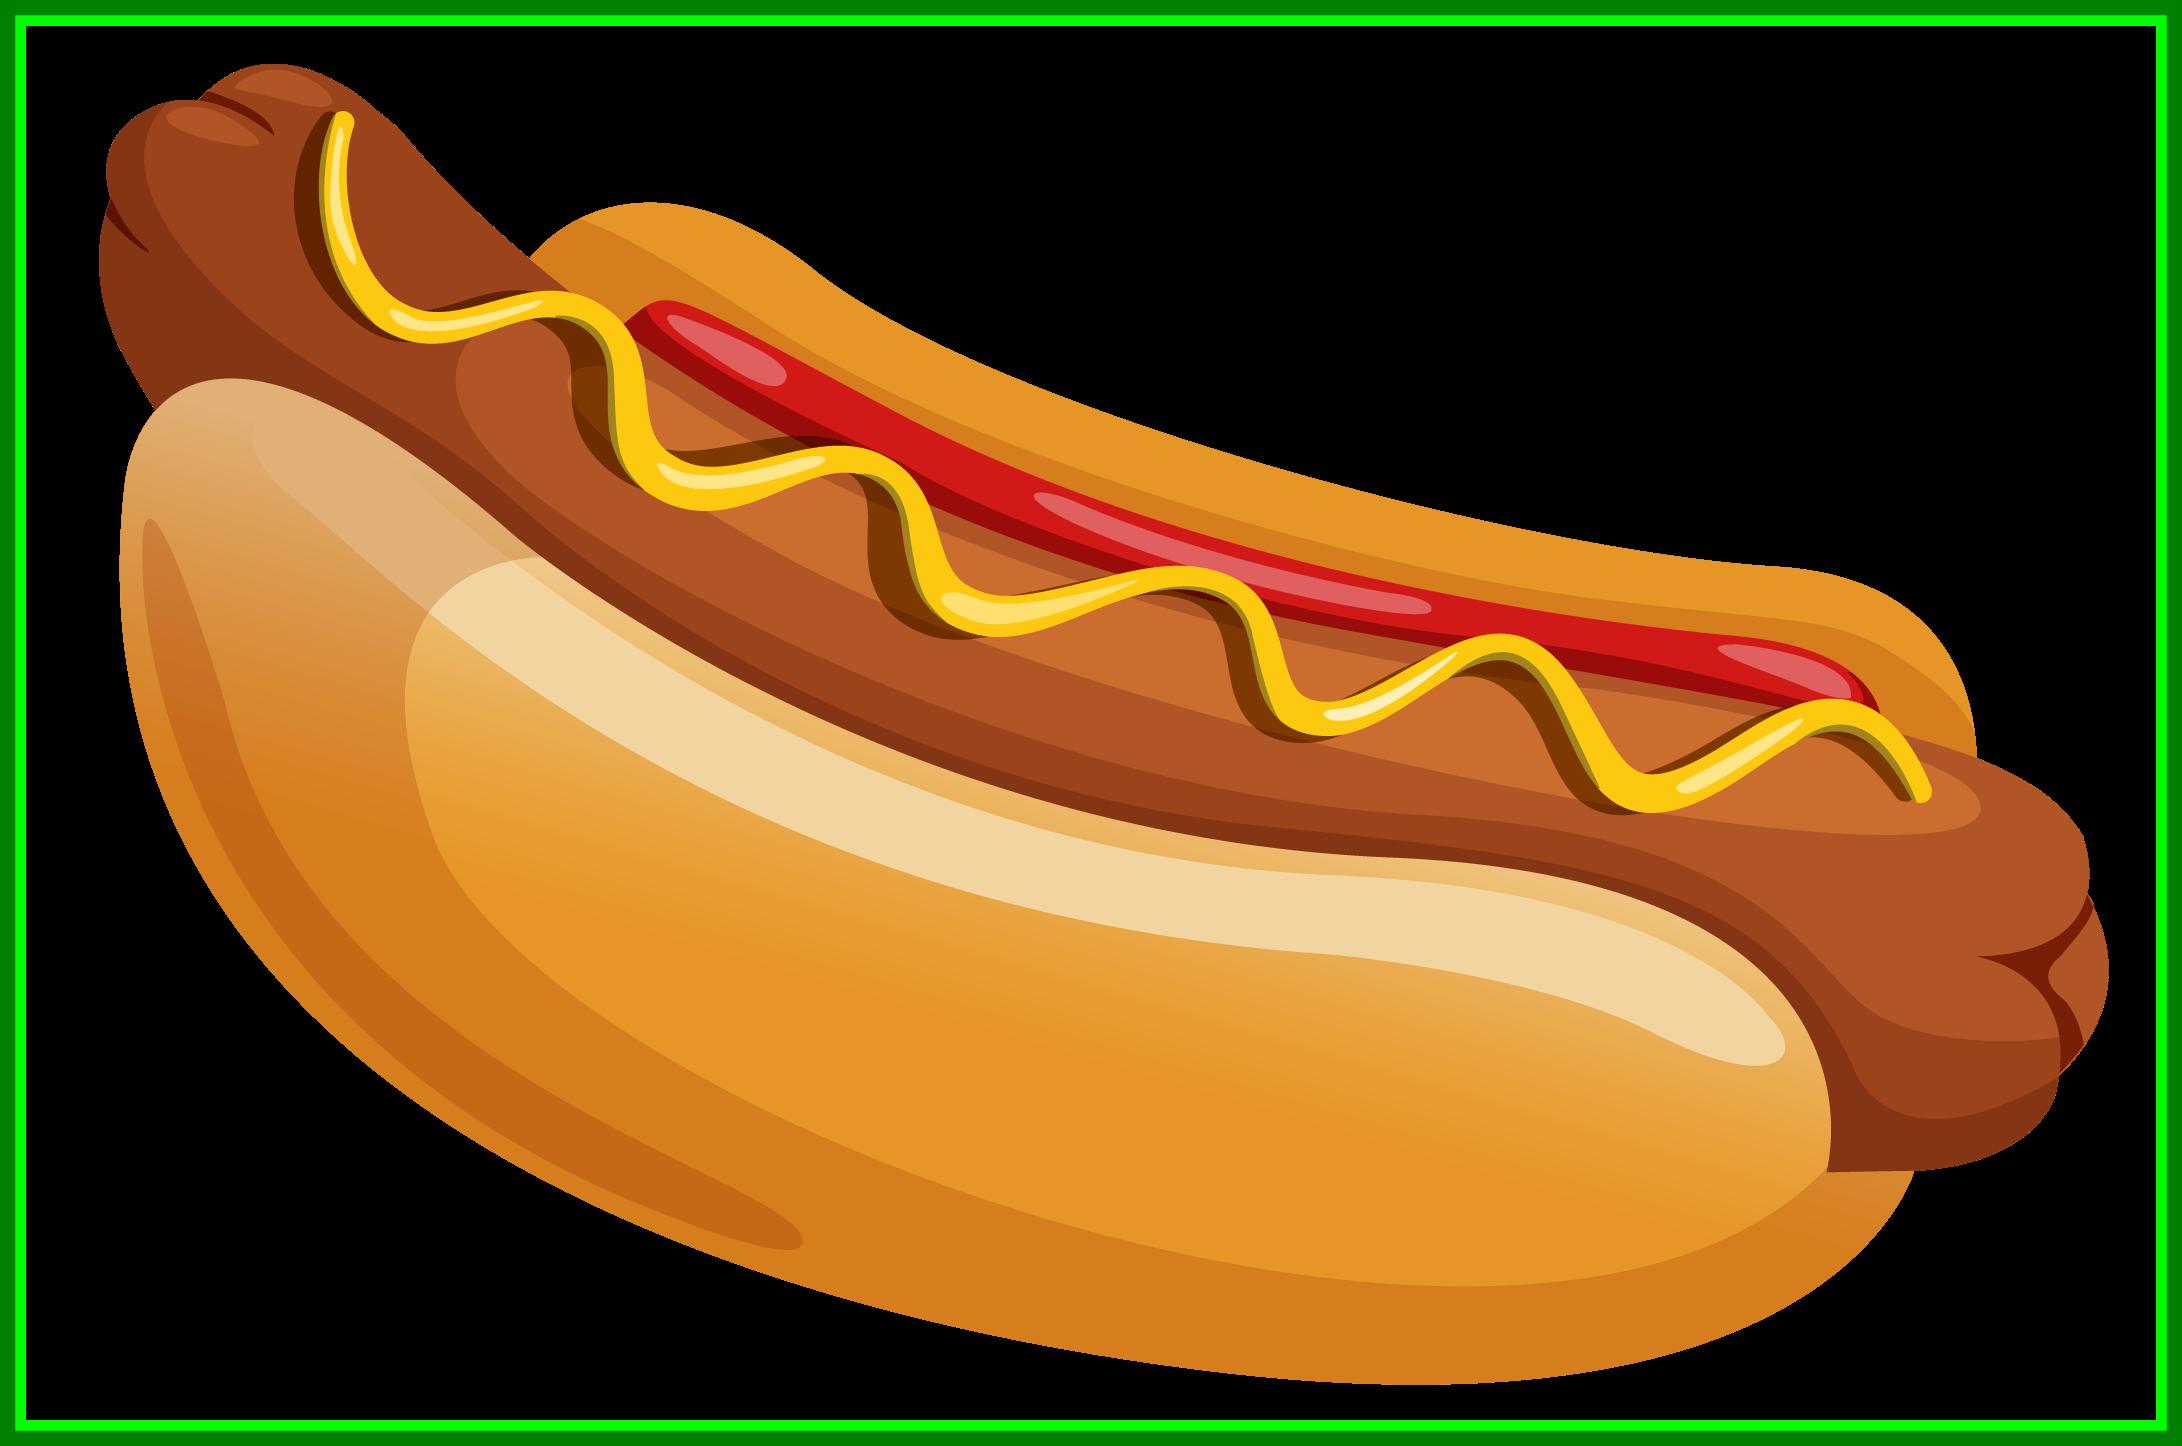 Hot Dog Drawing